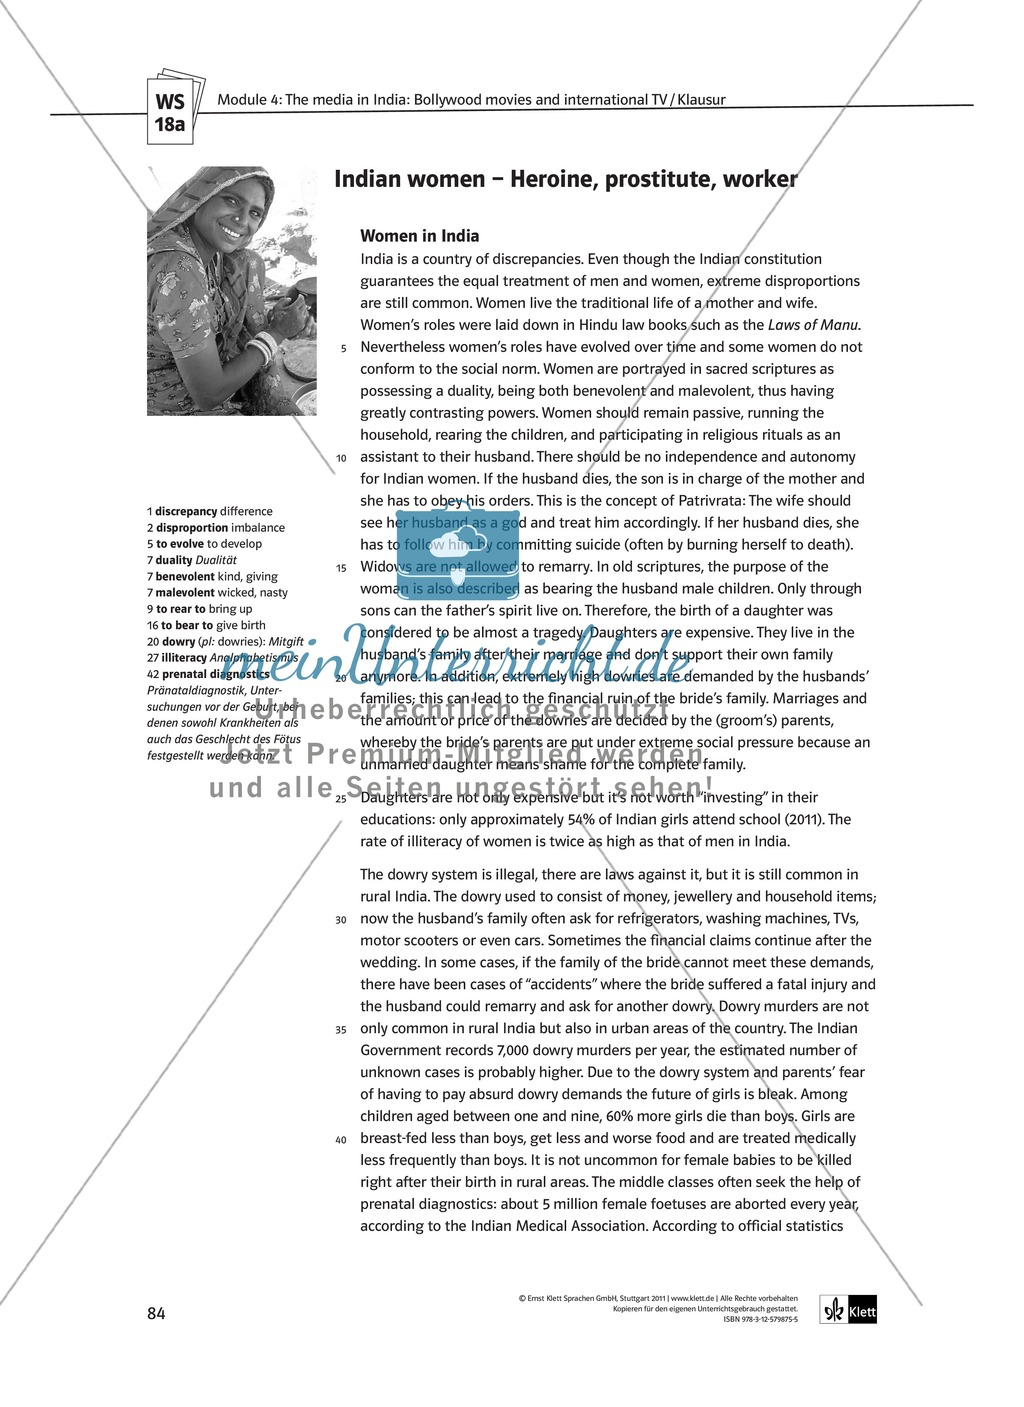 The media in India: Bollywood movies and international TV: Sachanalyse + Lernziele + Unterrichtseinheiten + Kopiervorlagen Preview 36